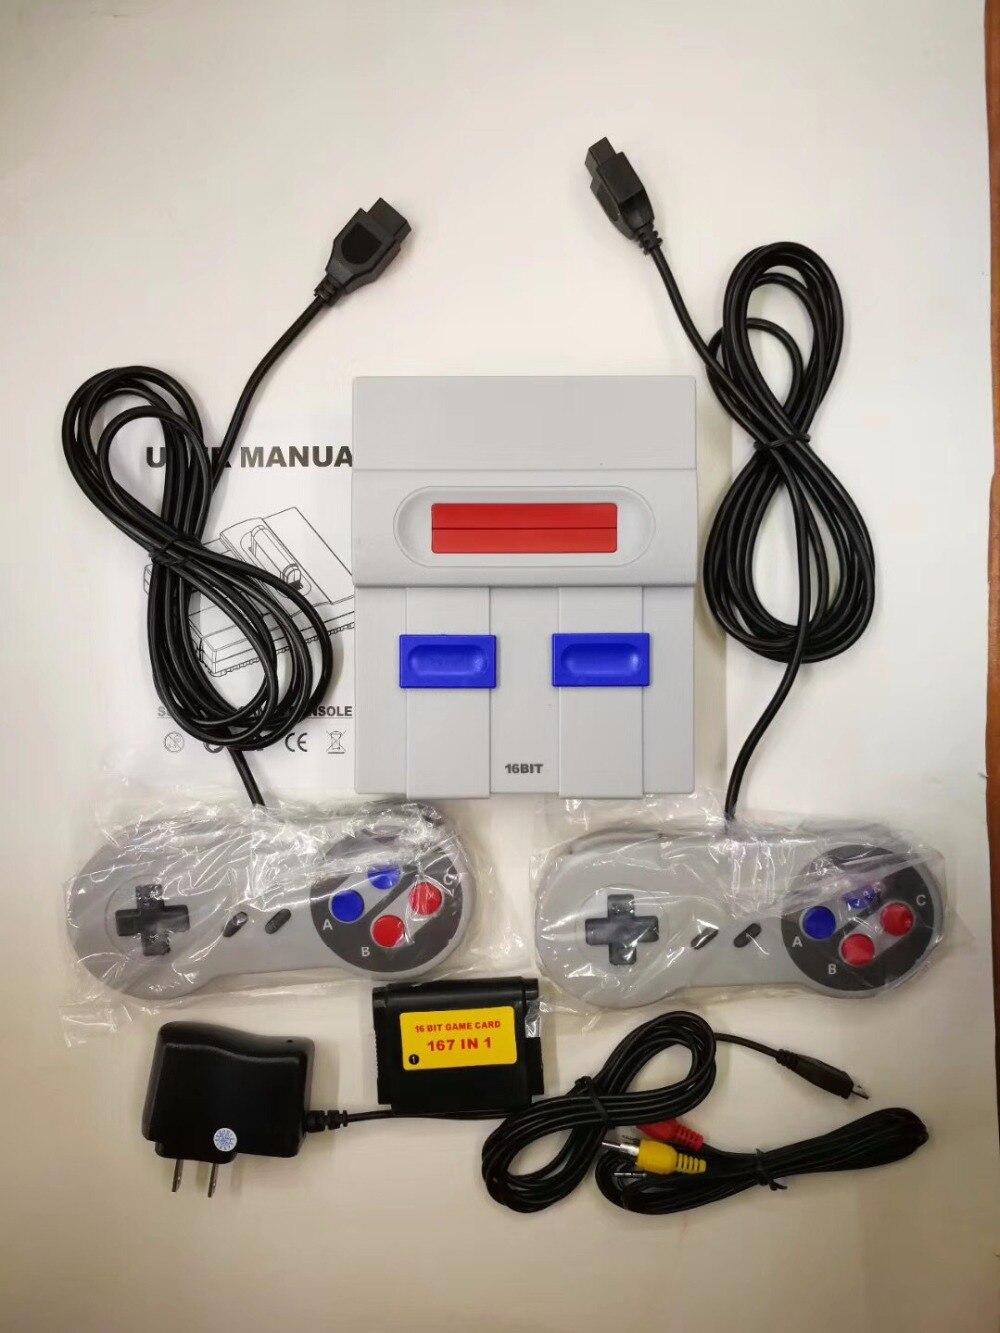 DHL 20 pçs/lote mini MD16 SG-105 16BIT jogos familiares de saída AV TV console de vídeo game com livre 167 jogos sega jogos pode inserir cartão